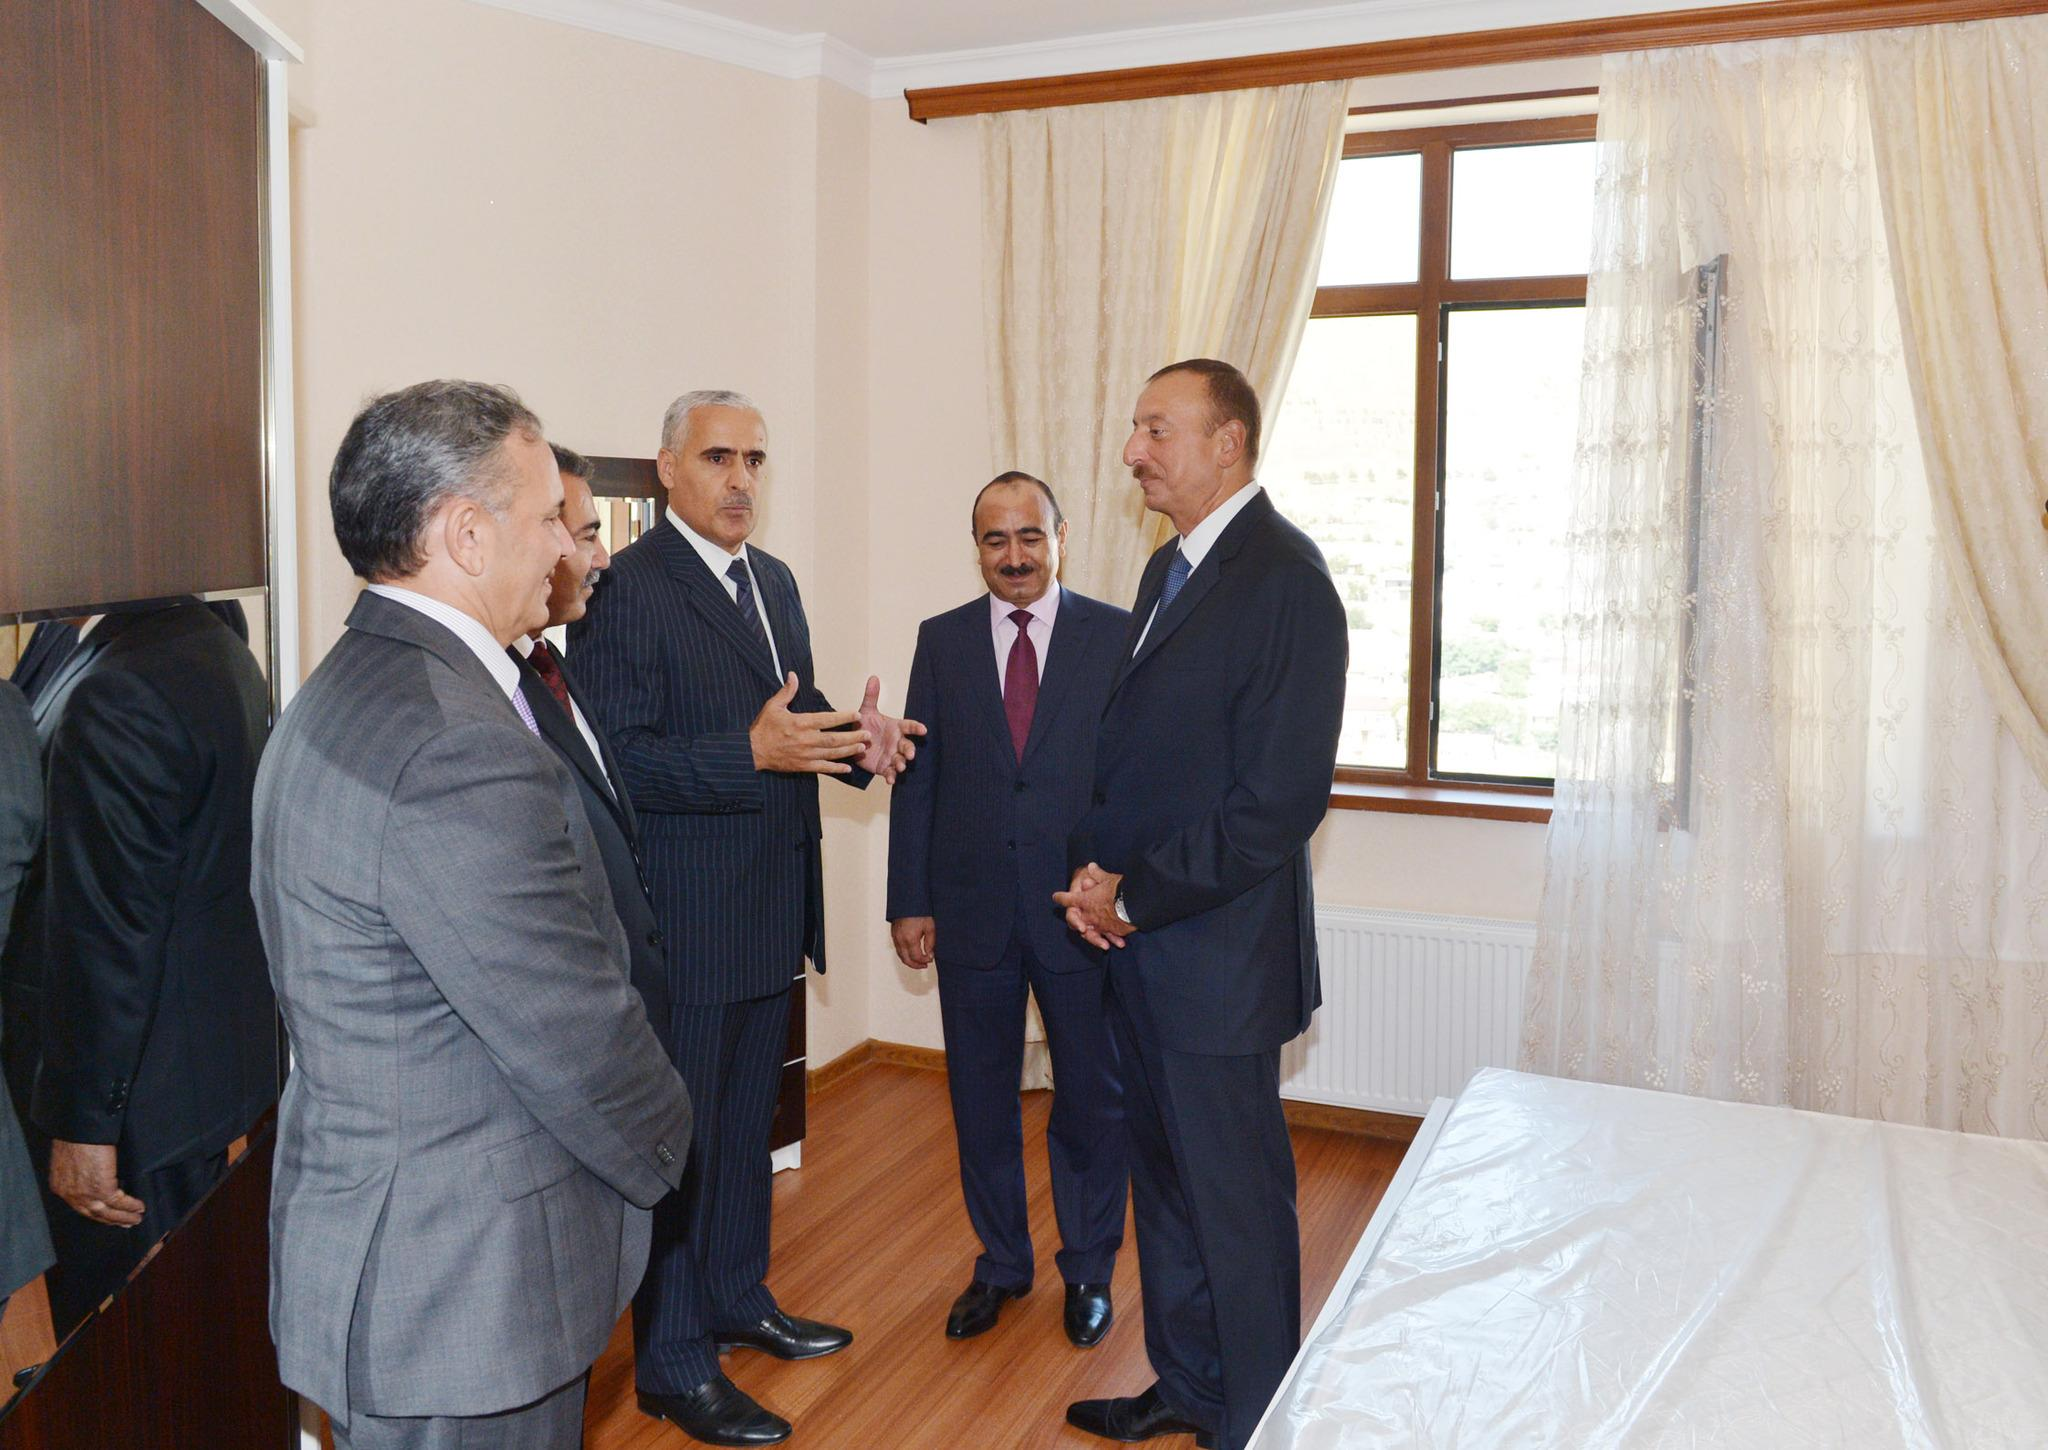 Dövlət jurnalistlərinə sahib çıxdı - Foto 0